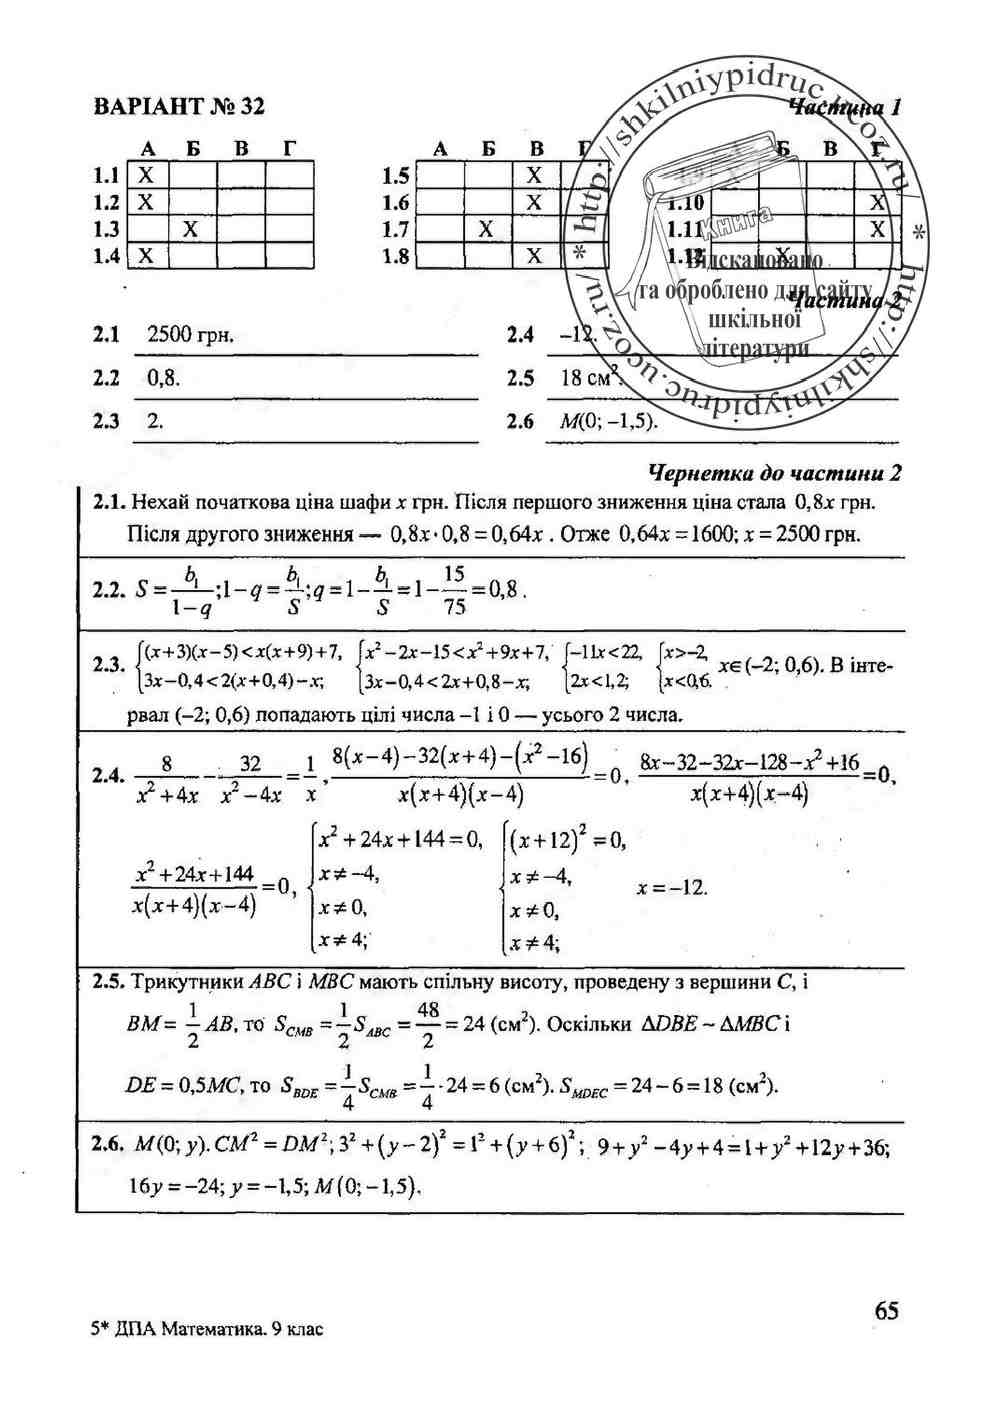 Гдз дпа математика 2018 9 класс математика